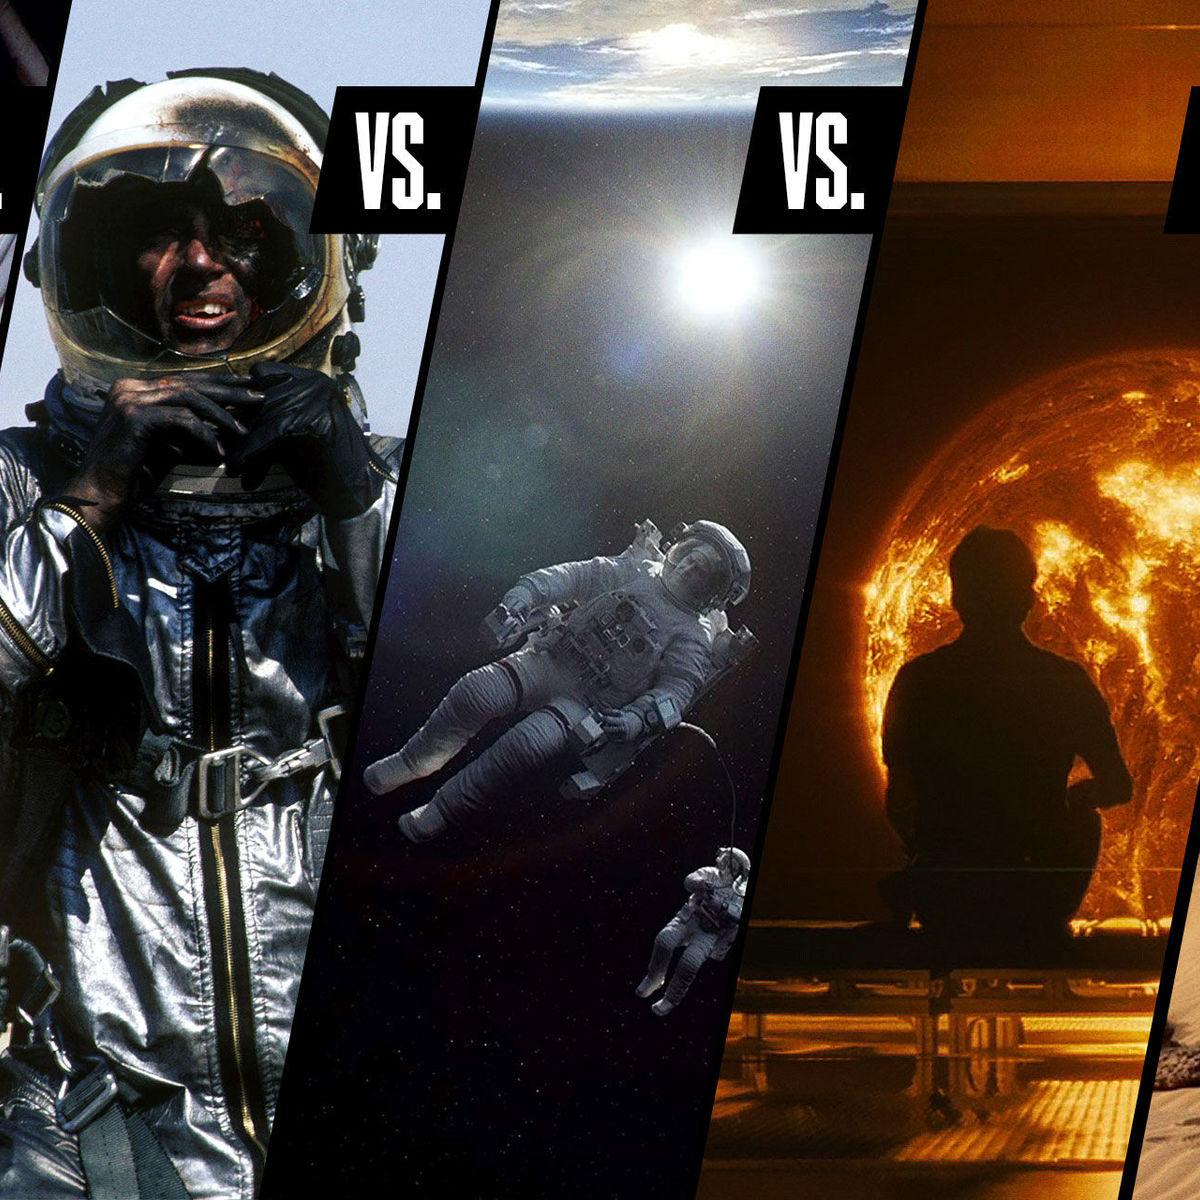 Debate Club: Best astronaut movies